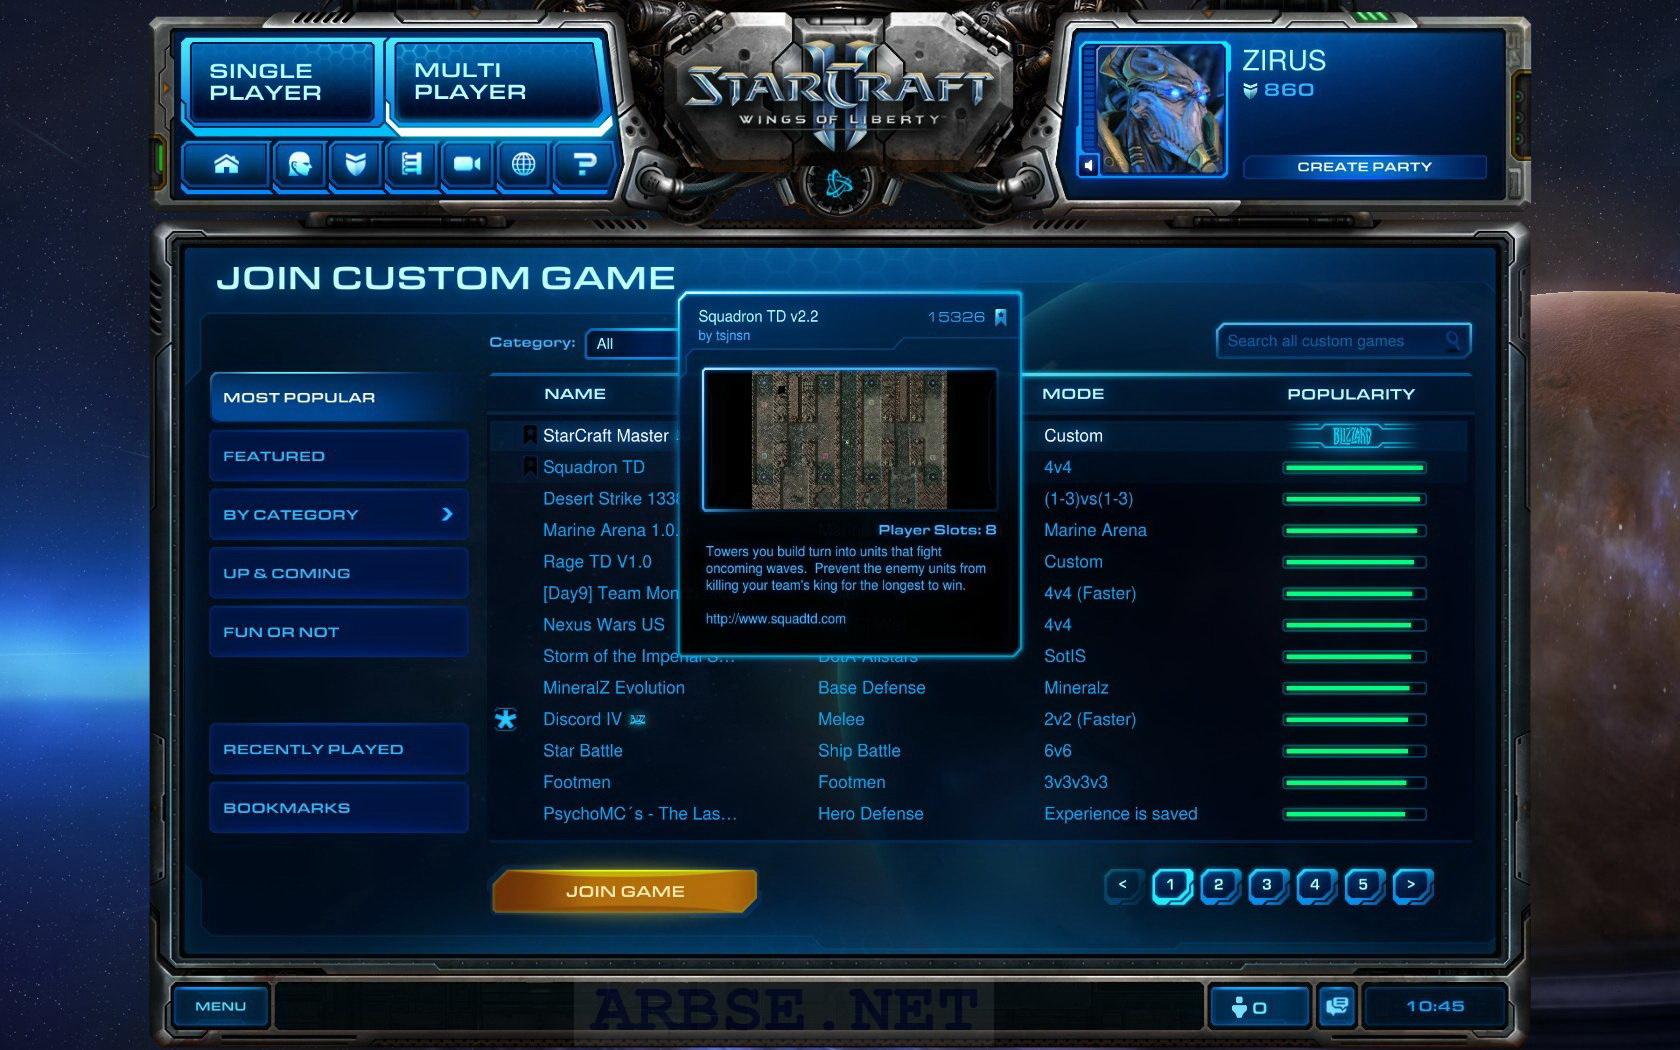 Как играть в свои карты в starcraft 2 играть в карты бесплатно смс и регистрации